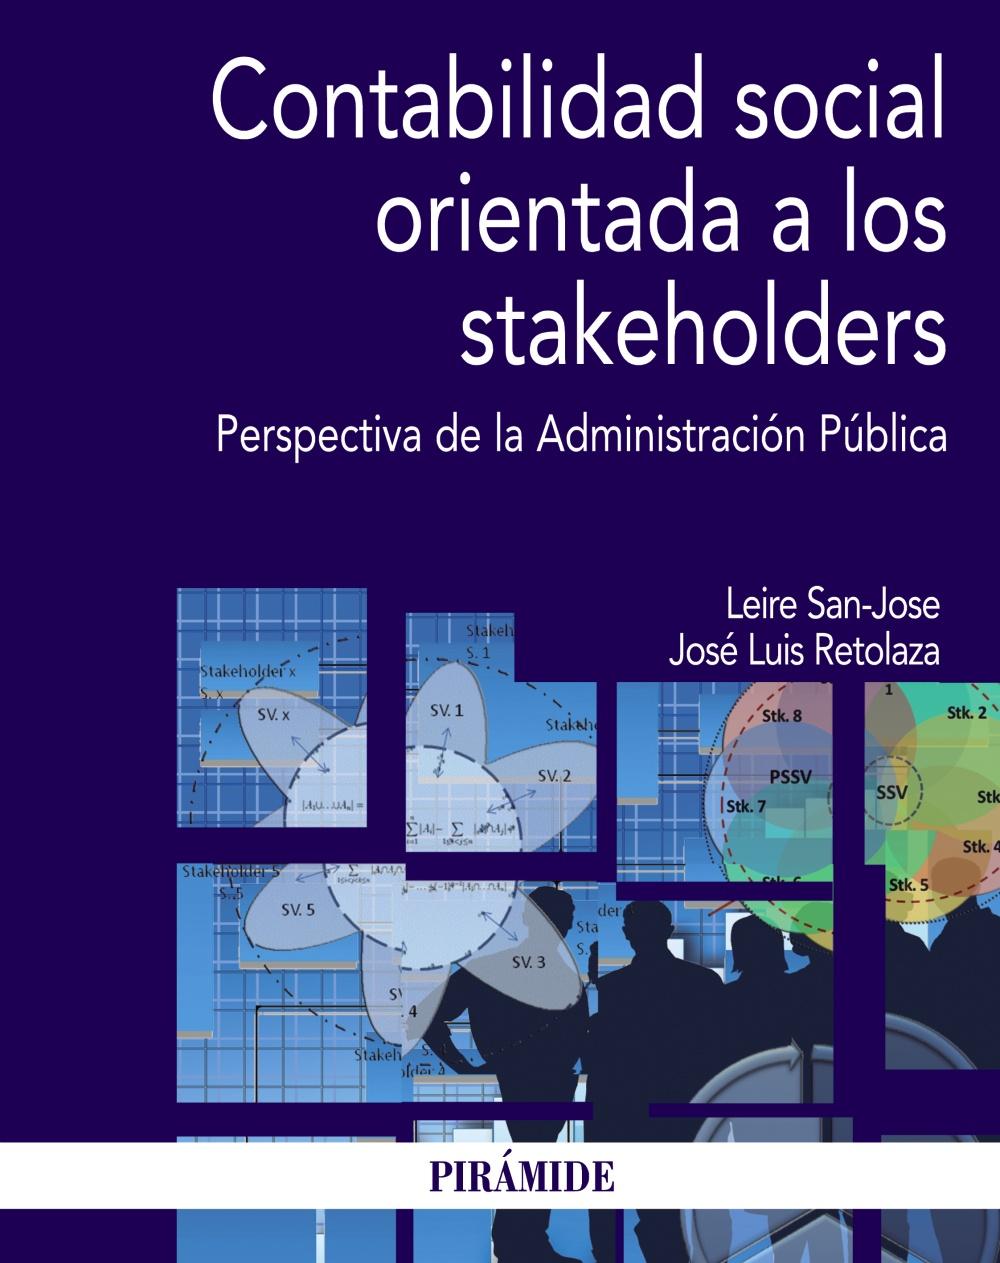 Contabilidad social orientada a los stakeholders